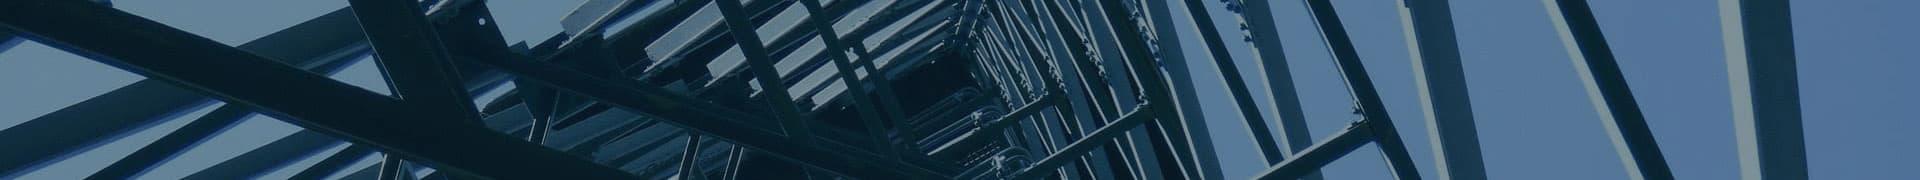 estrutura-metalica-link